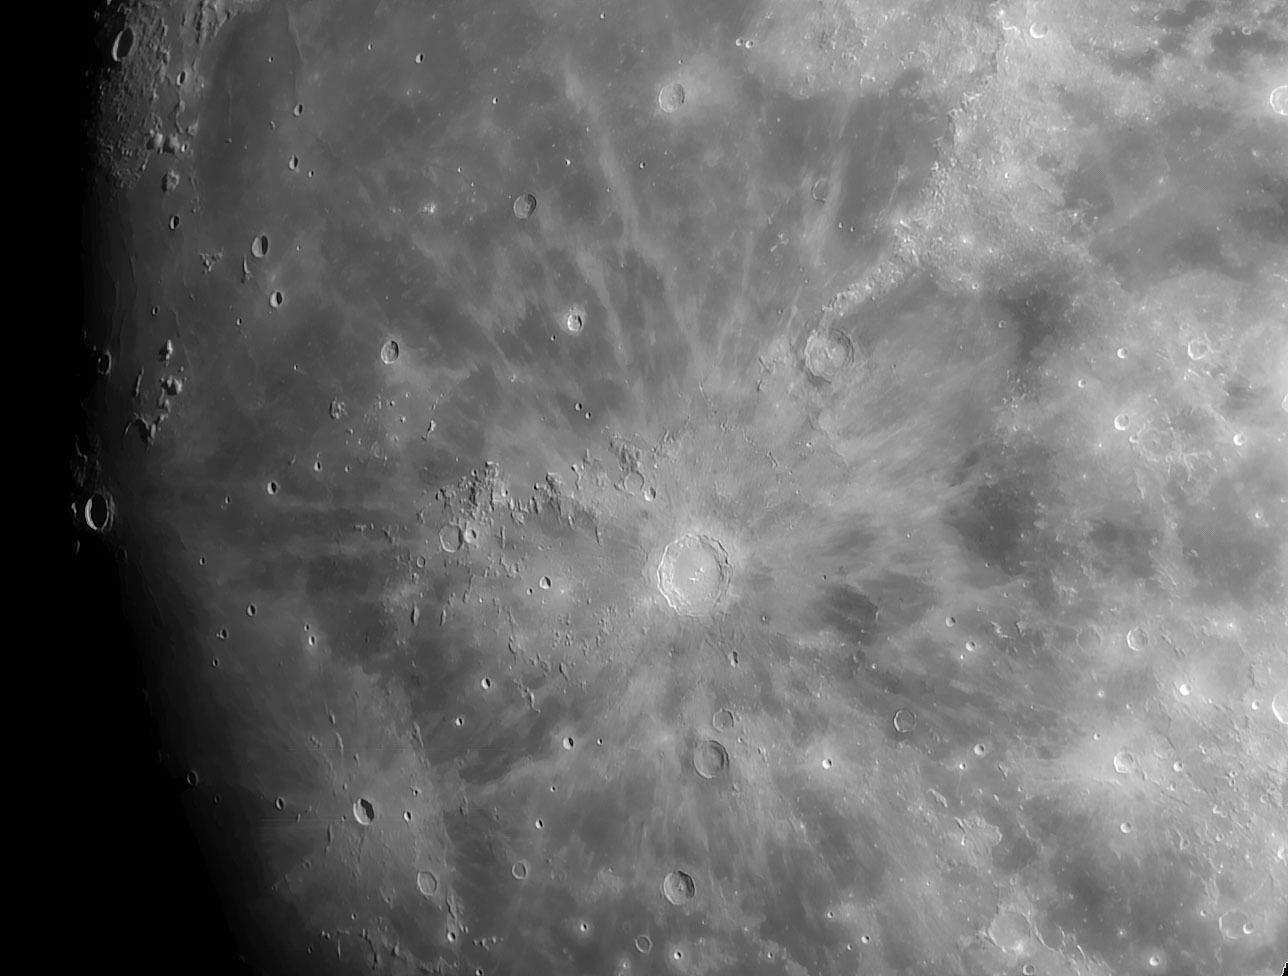 3月28日の月 15cmアクロマート屈折での月面撮影 _e0174091_09491953.jpg